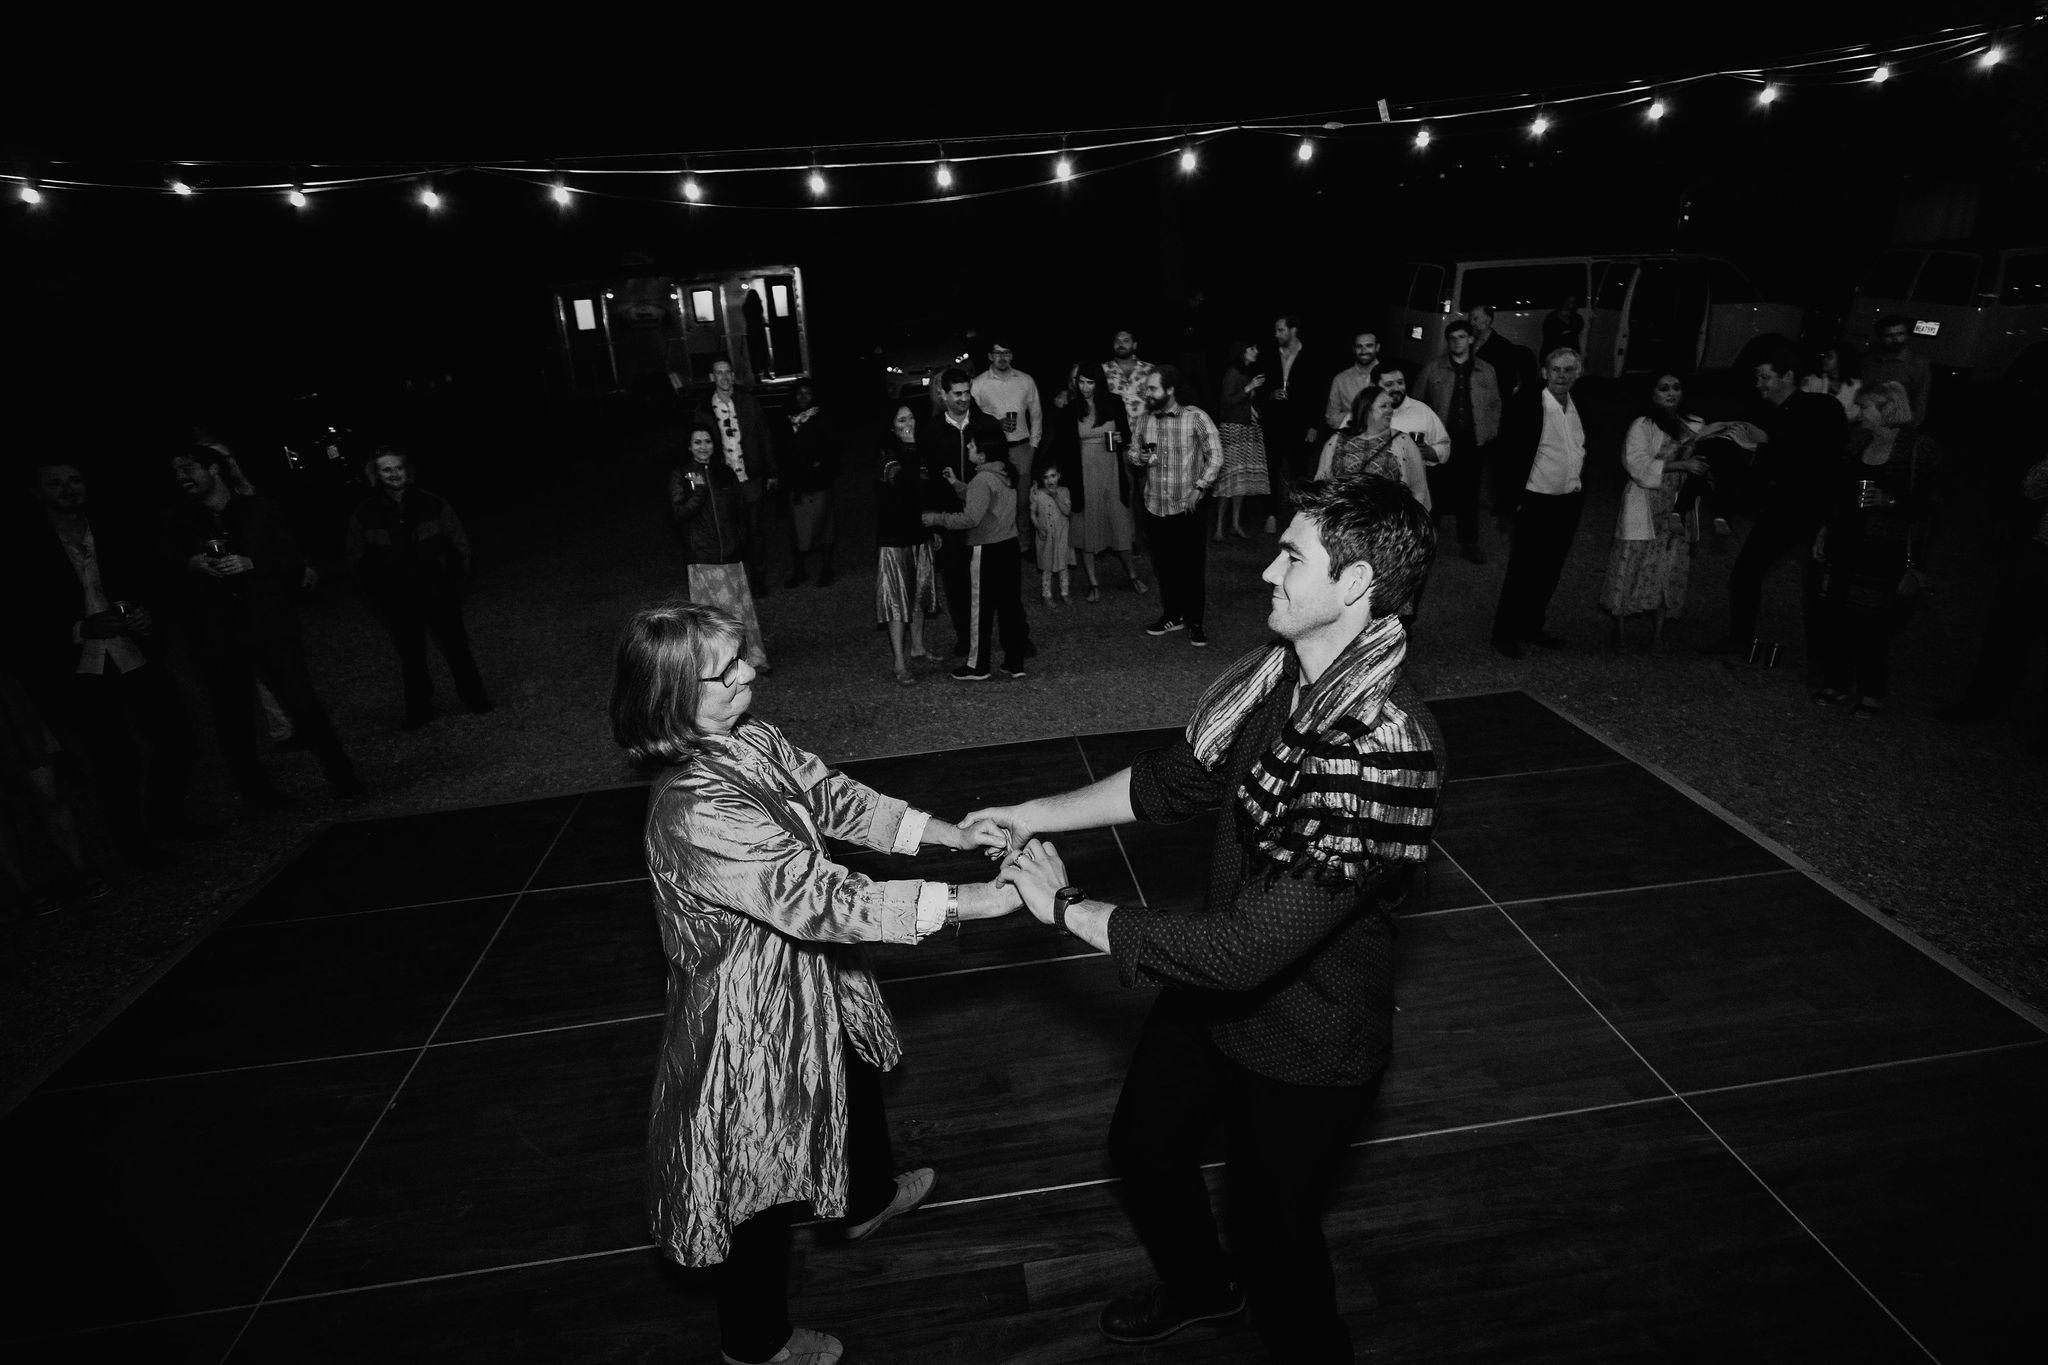 RedwoodRanch_Geoff&LyndsiPhotography_Mike&Amanda_Reception119.jpg